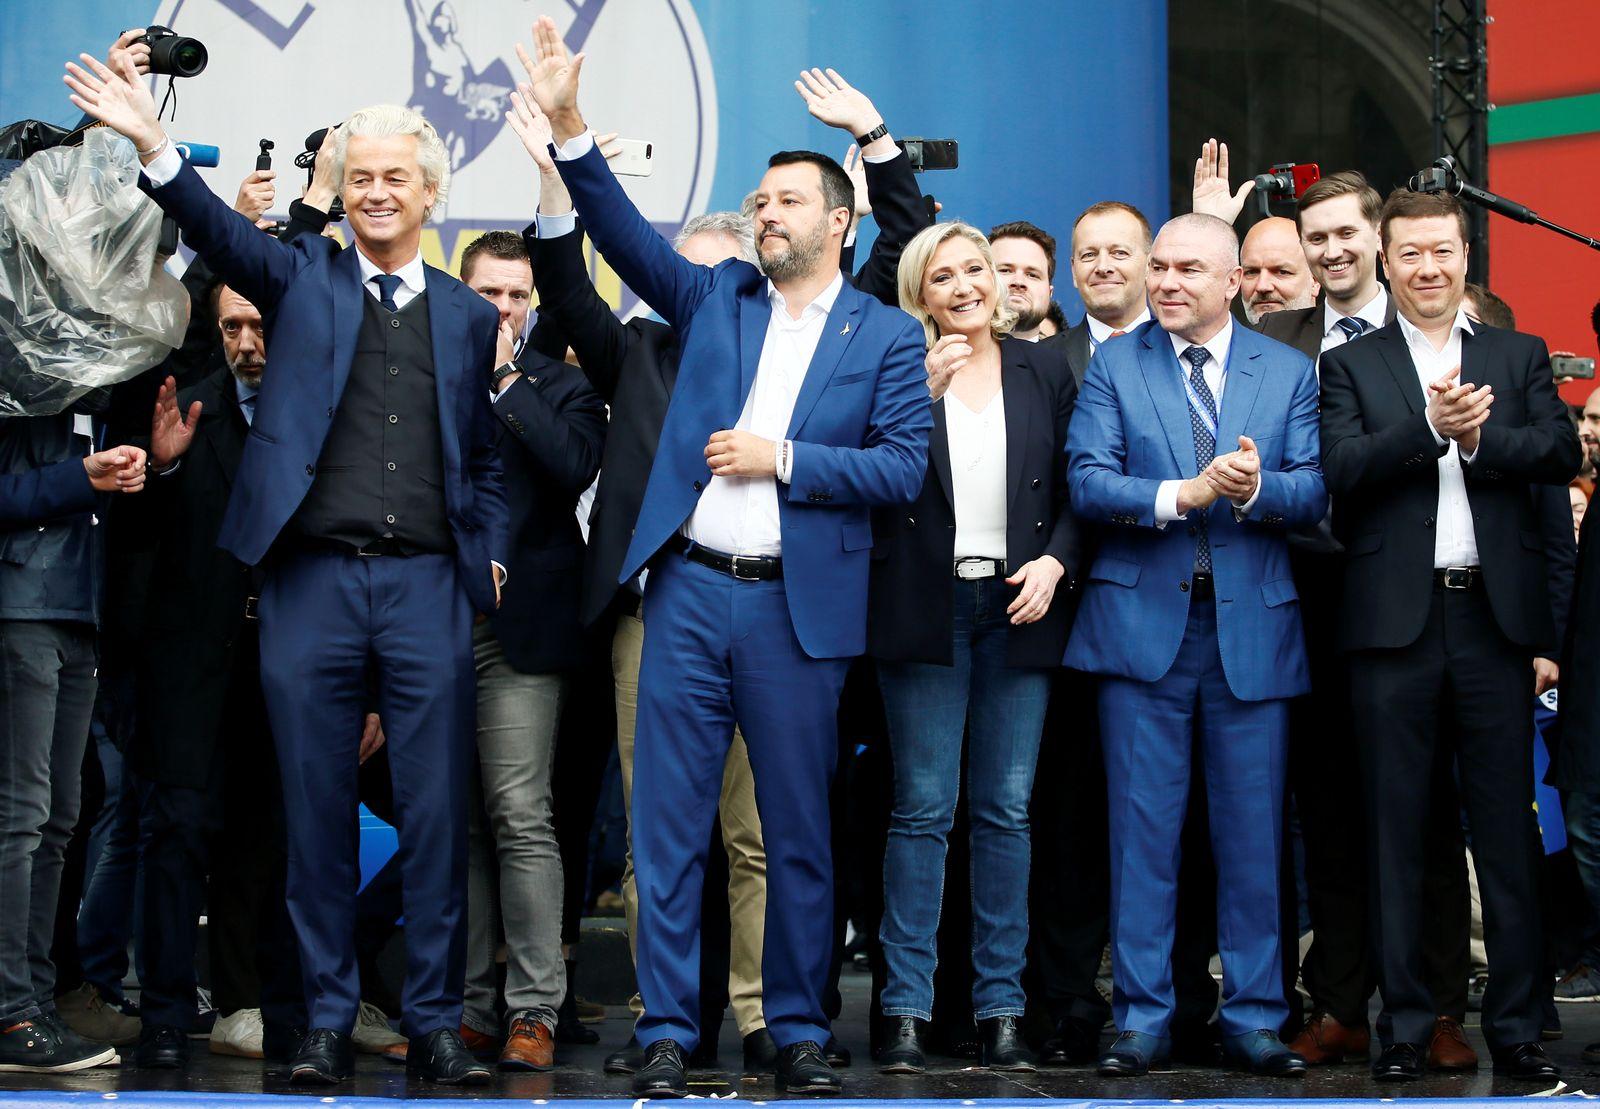 EU/ Salvini/ Le Pen/ Wilders